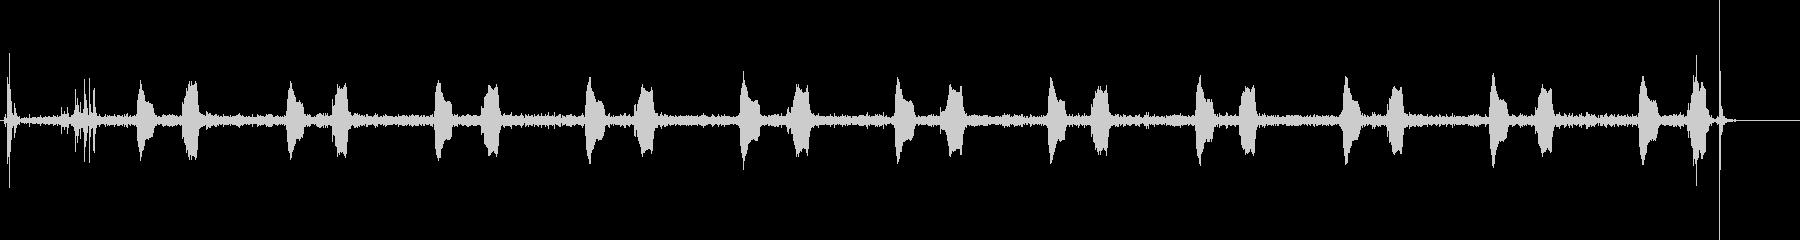 鳩時計1:ストライクイレブンオクロ...の未再生の波形